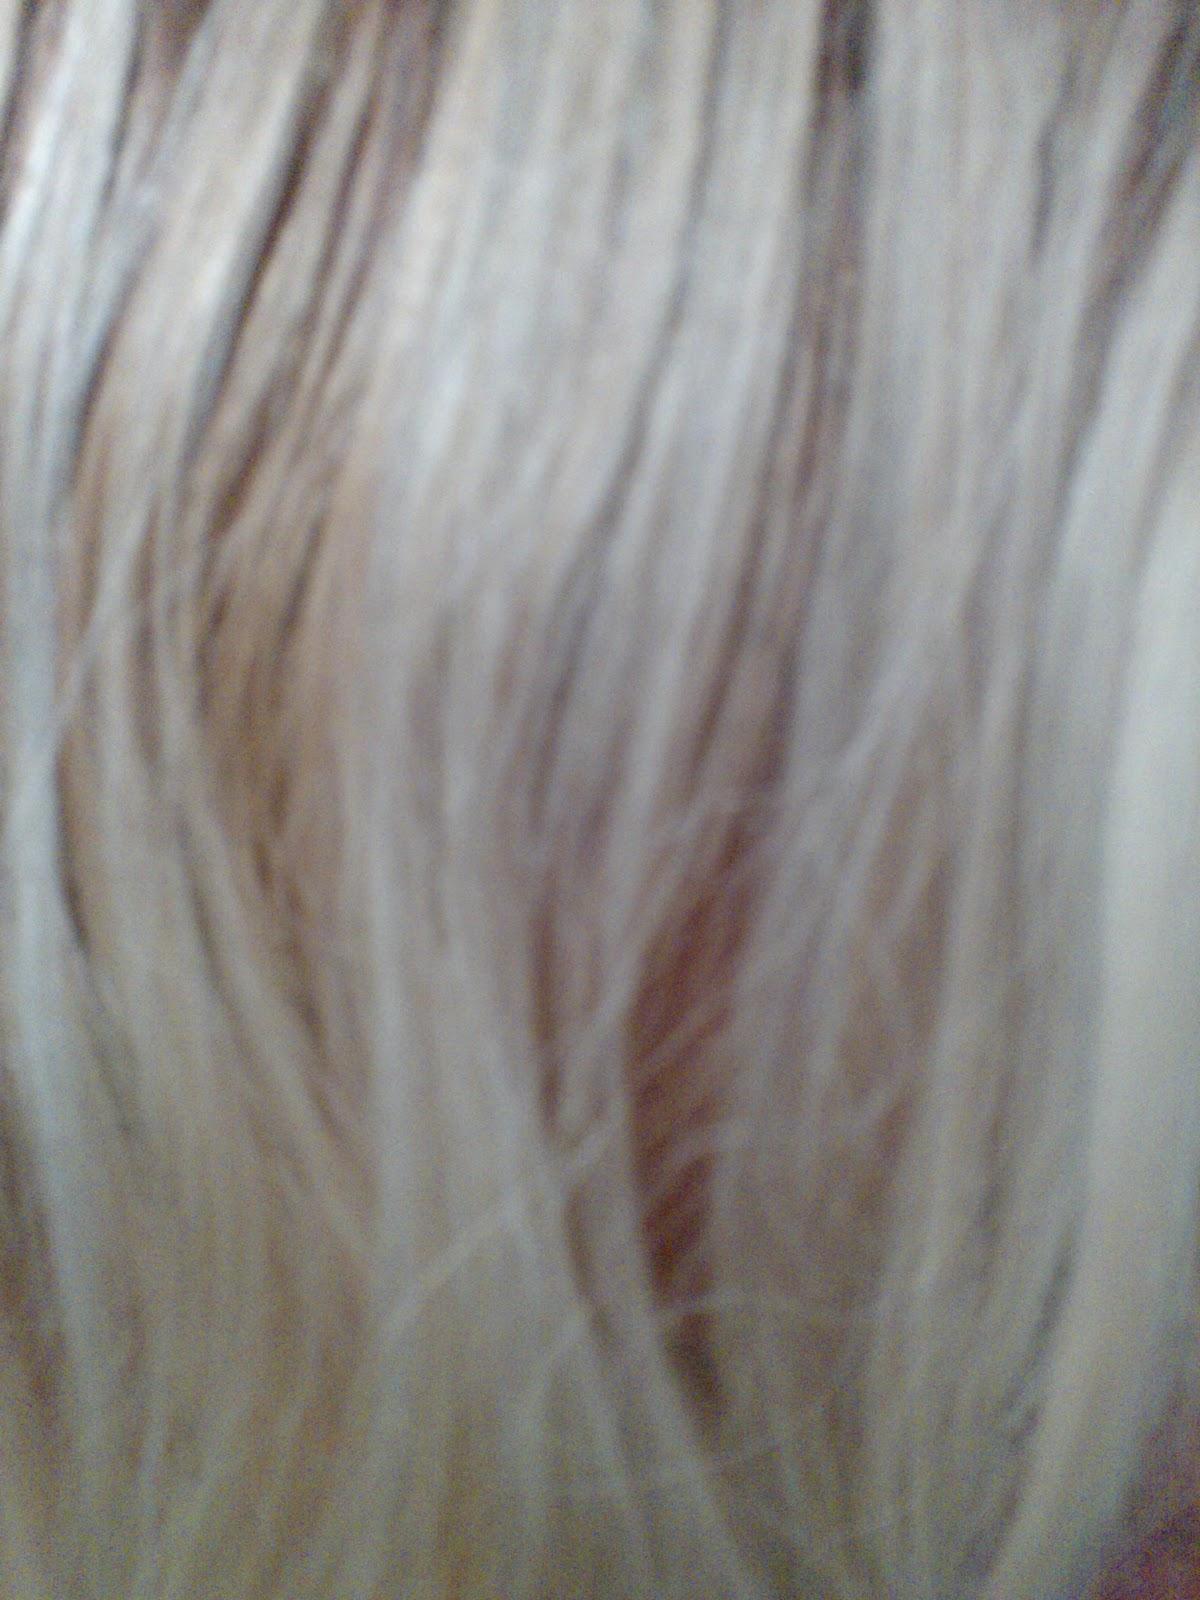 les cheveux sont brillants mme sil ne faut pas se leurrer ils en ressortent plus abms quavec une coloration sans ammoniaque - Coloration Blond Cendr Sans Amoniaque